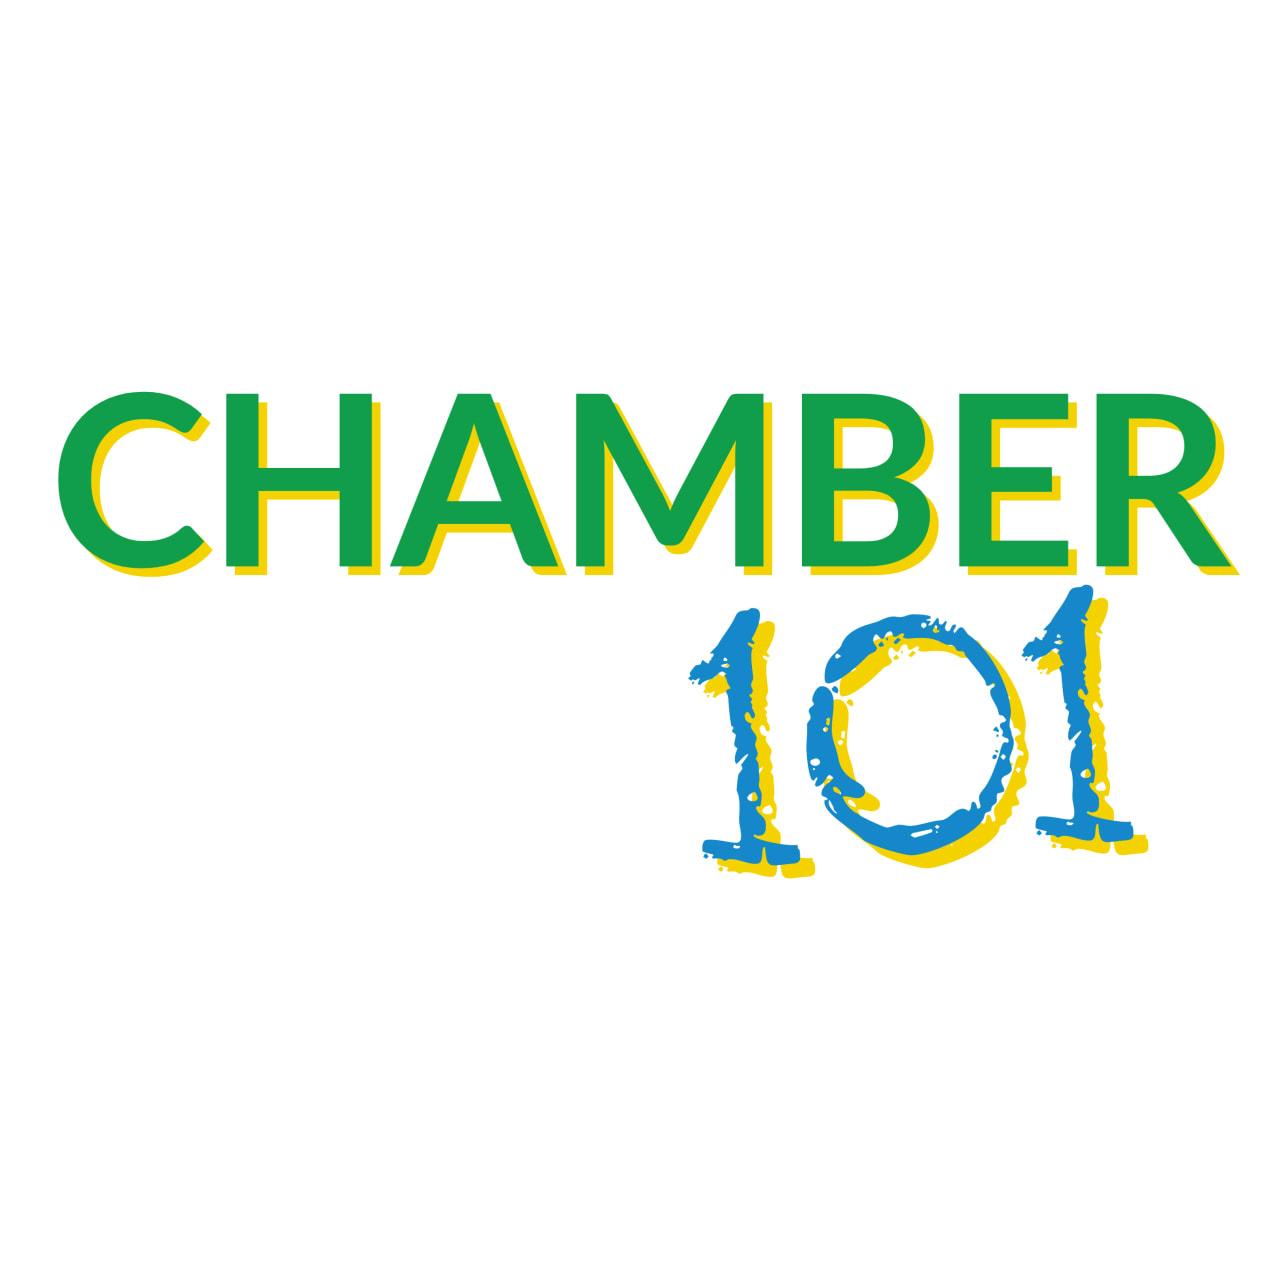 Chamber-101-w1280.jpg